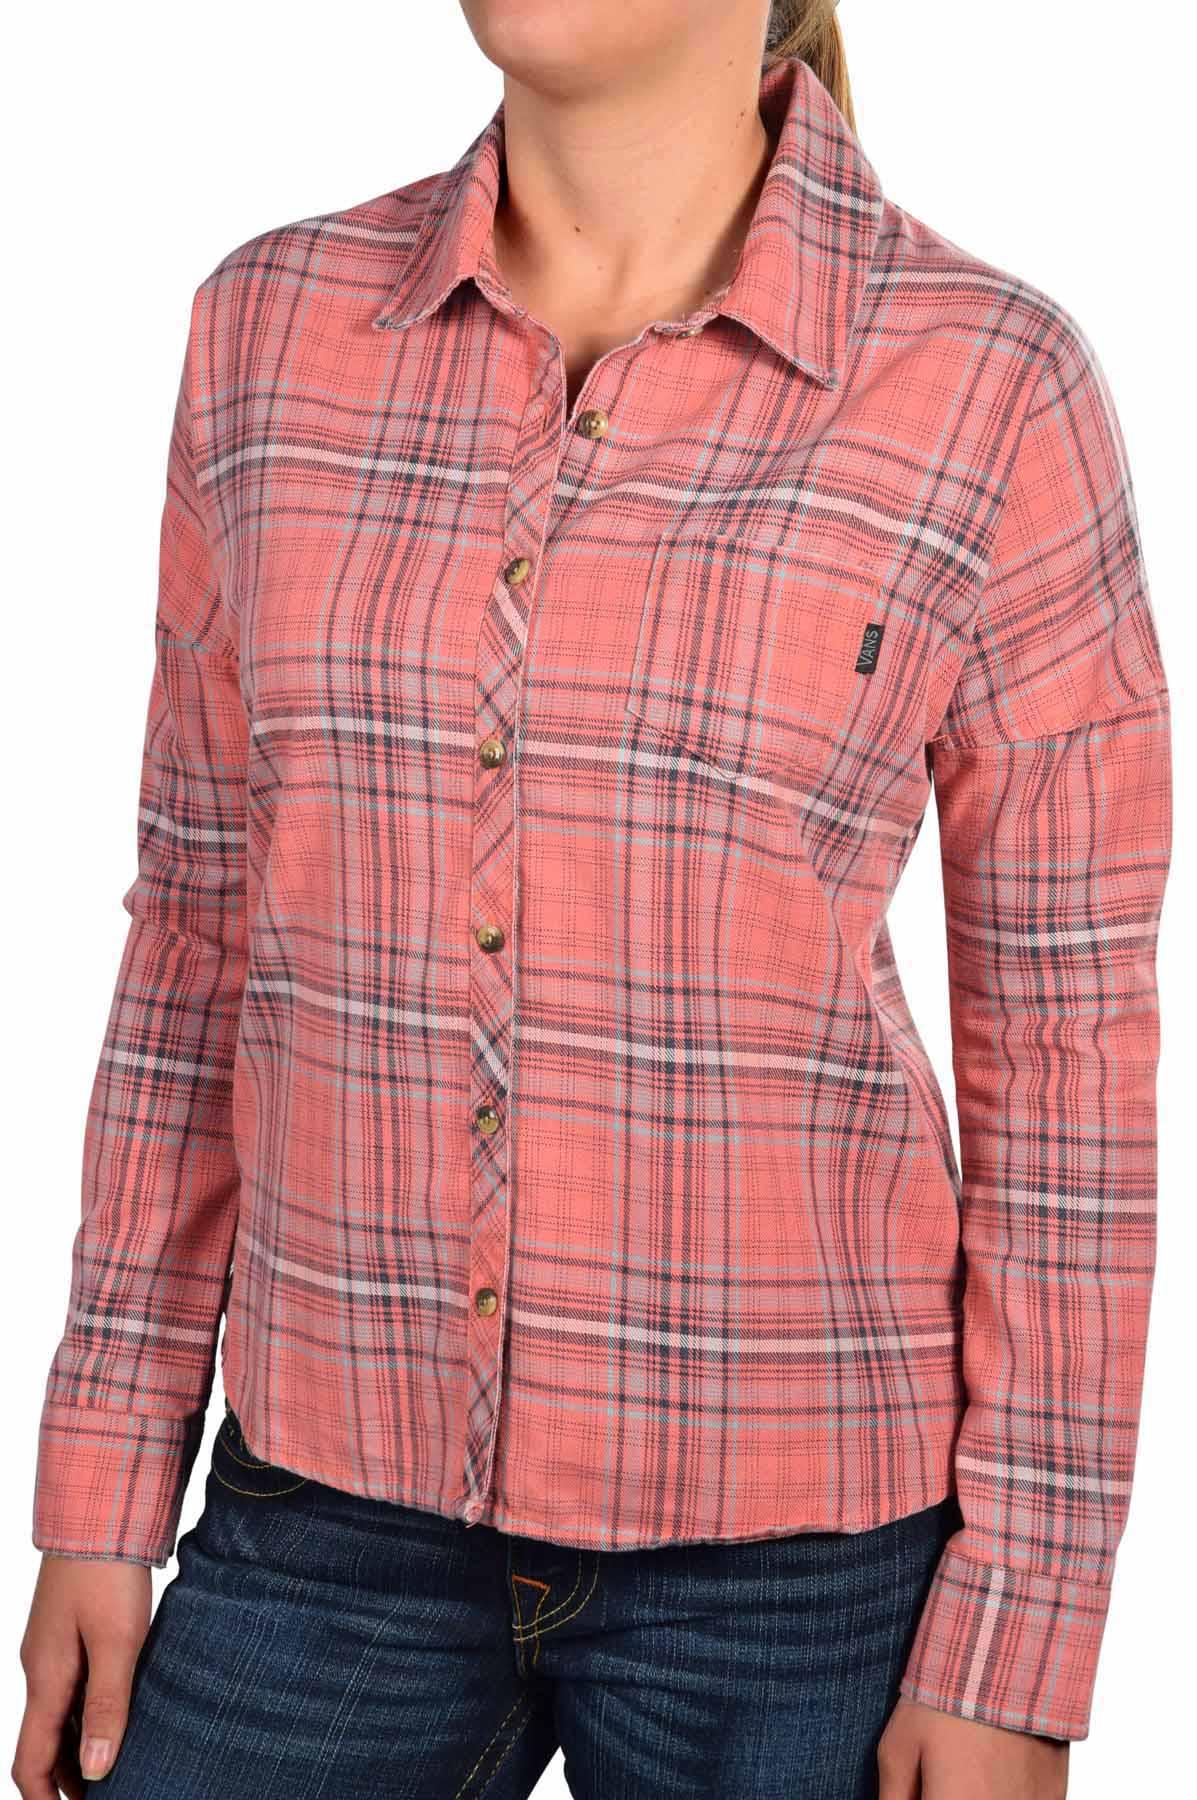 Vans women 39 s pledge plaid long sleeve button down shirt for Women s plaid button down shirts